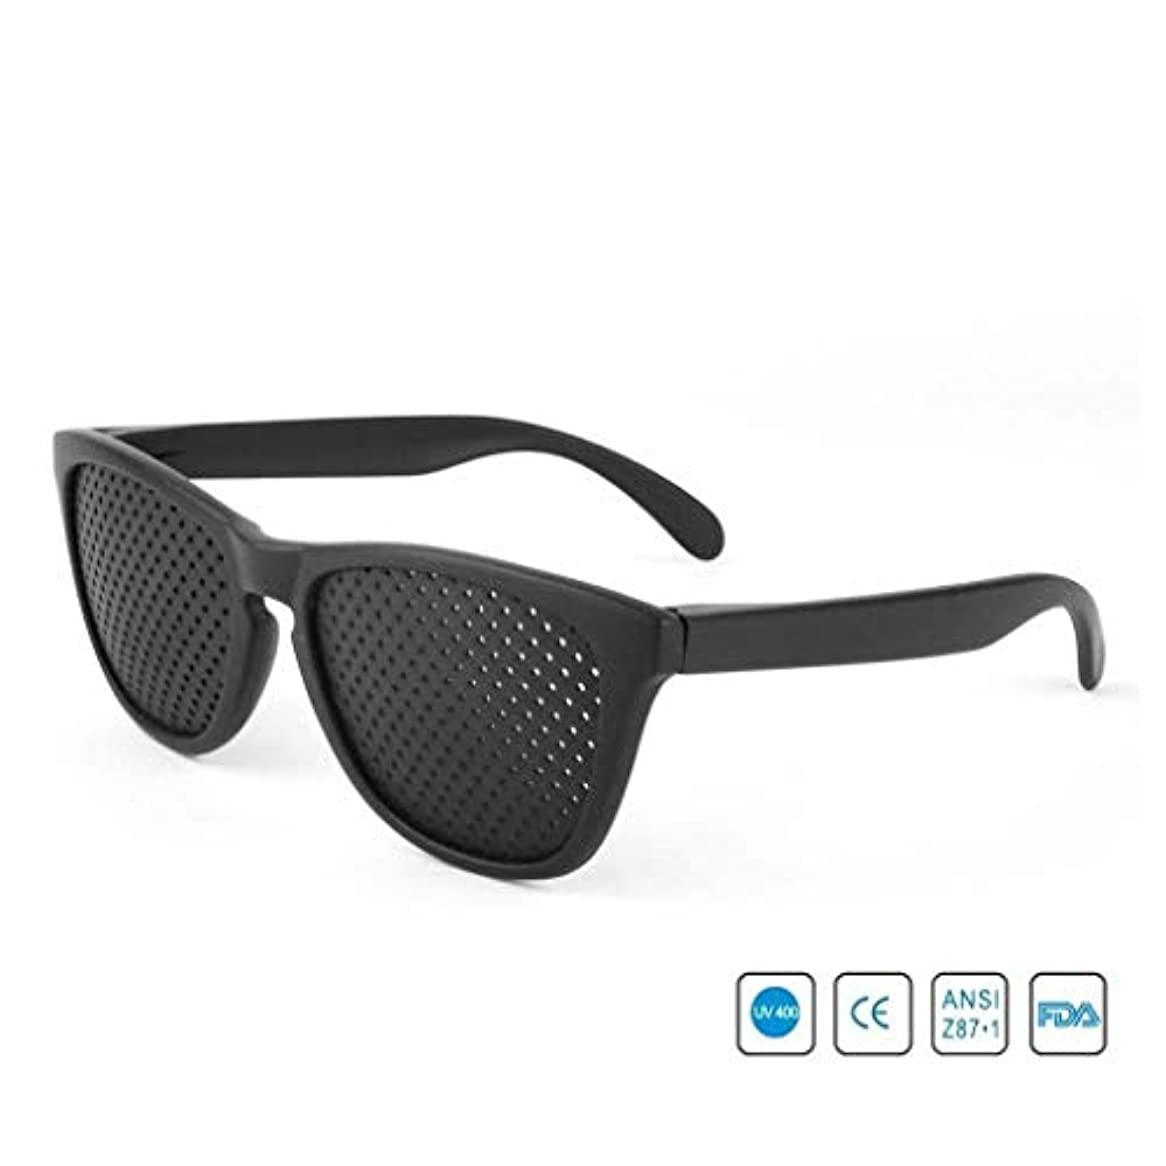 タイプマウンド雨のピンホールメガネ、アイズエクササイズアイサイトビジョンメガネの改善ビジョンケアメガネ近視の防止メガネの改善